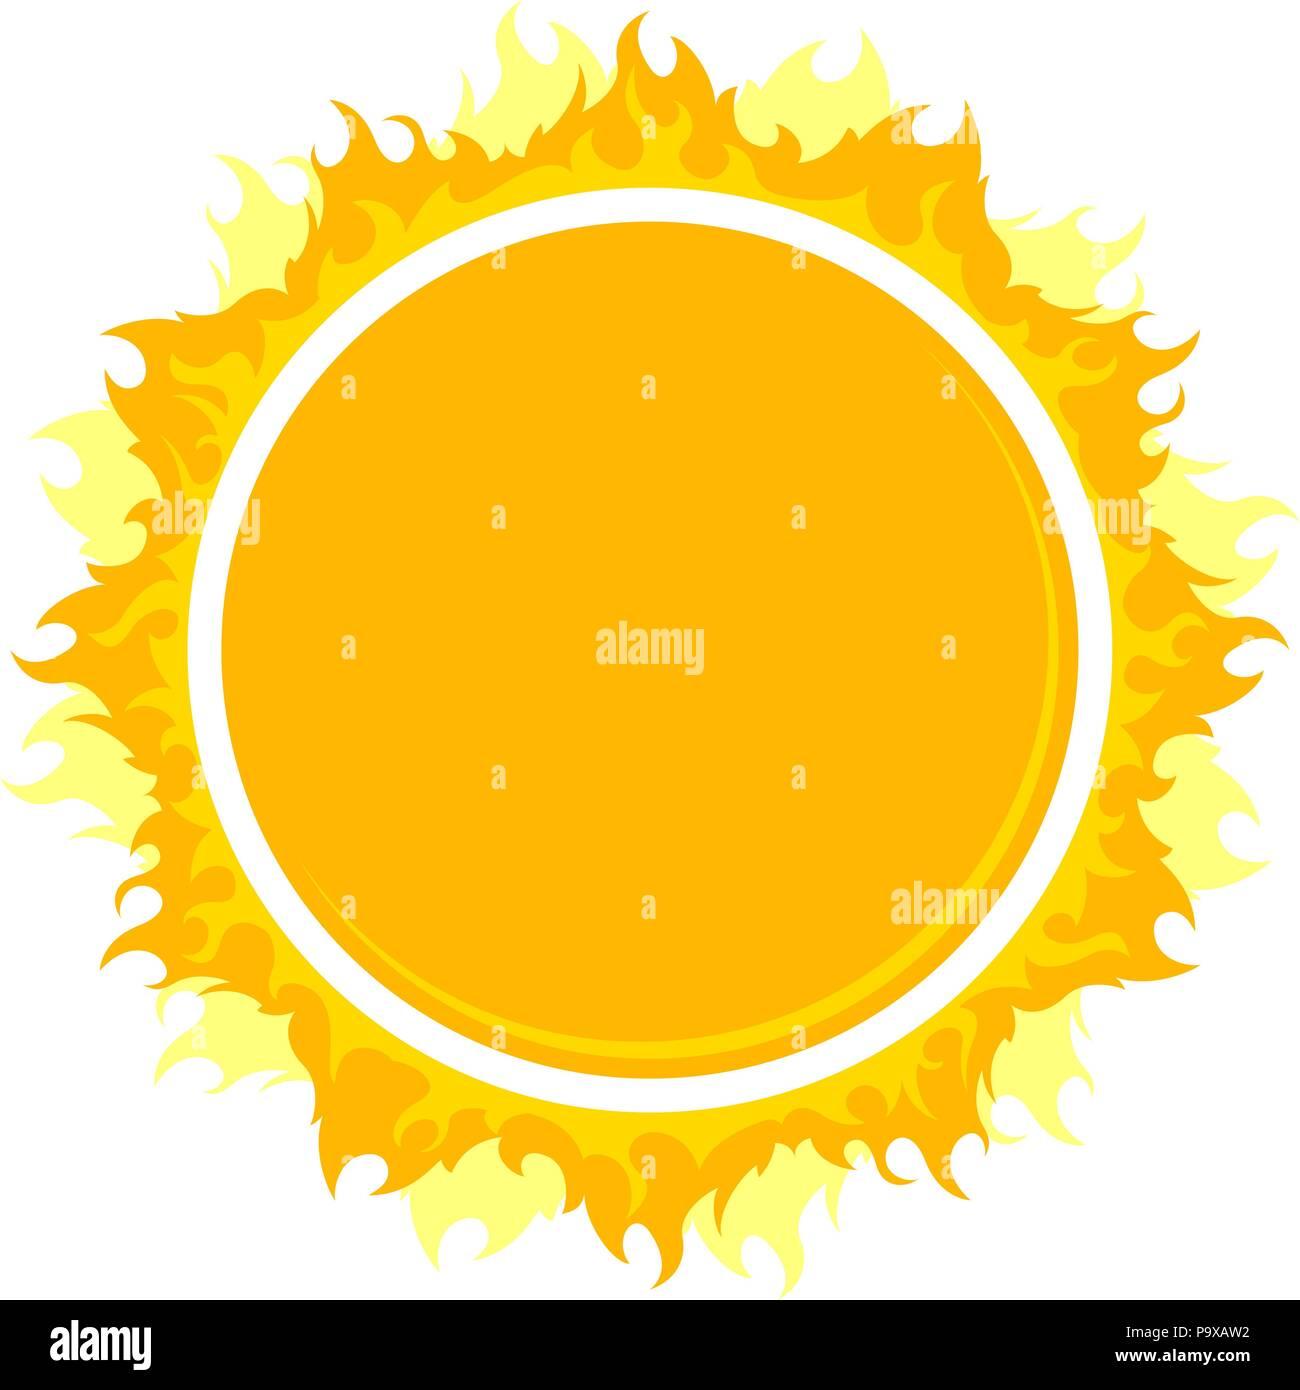 Burning round frame - Stock Image